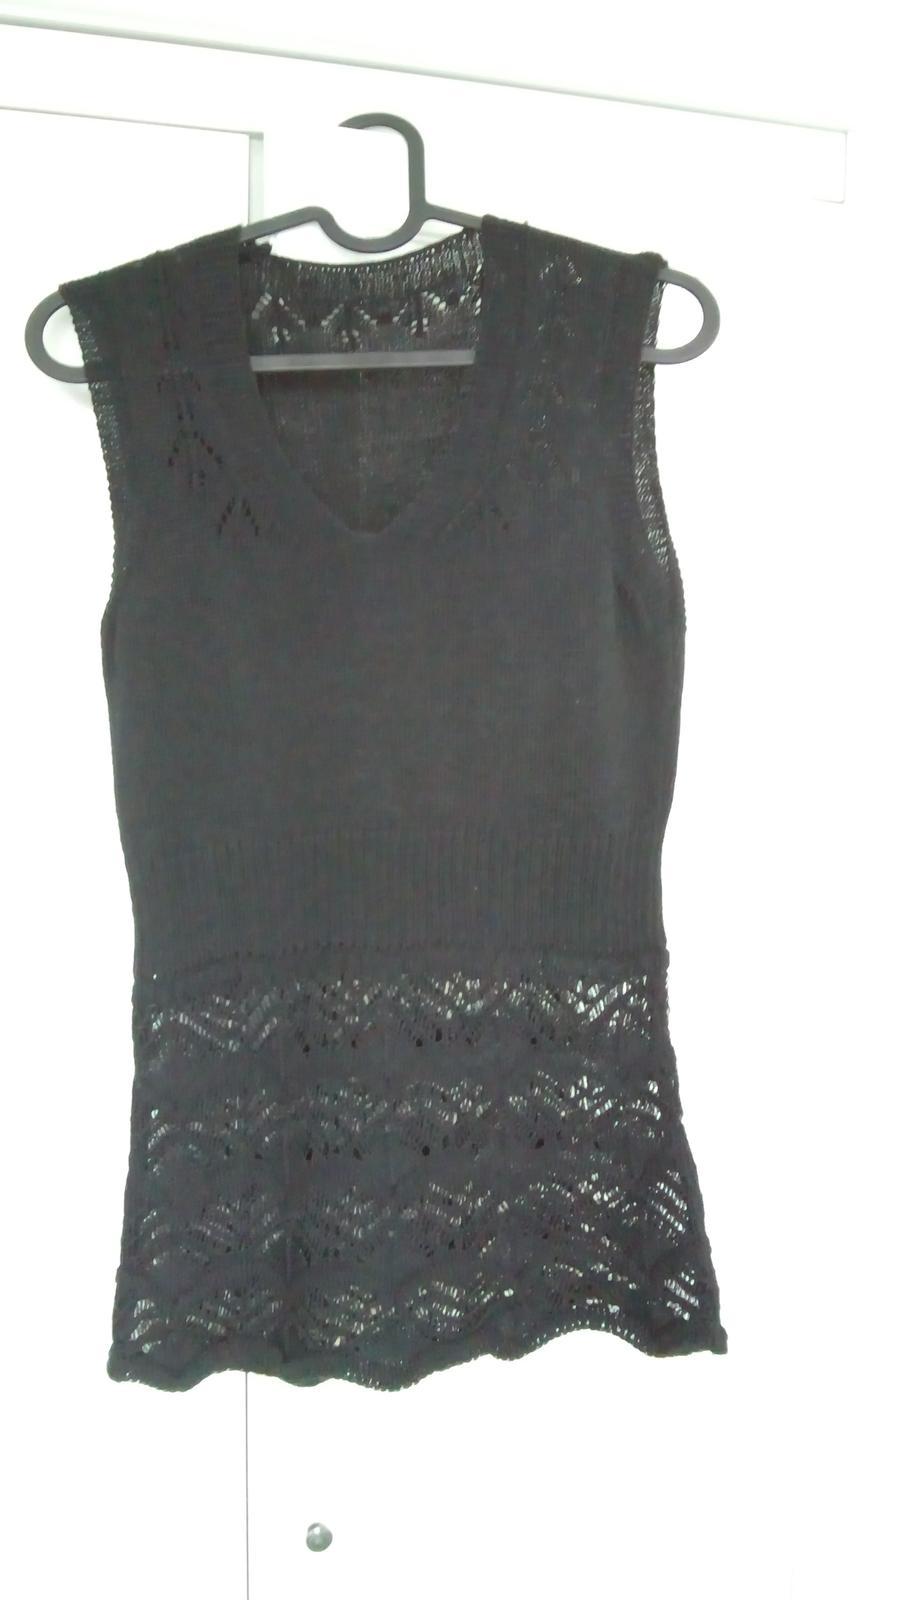 Pletené tričko - Obrázok č. 1